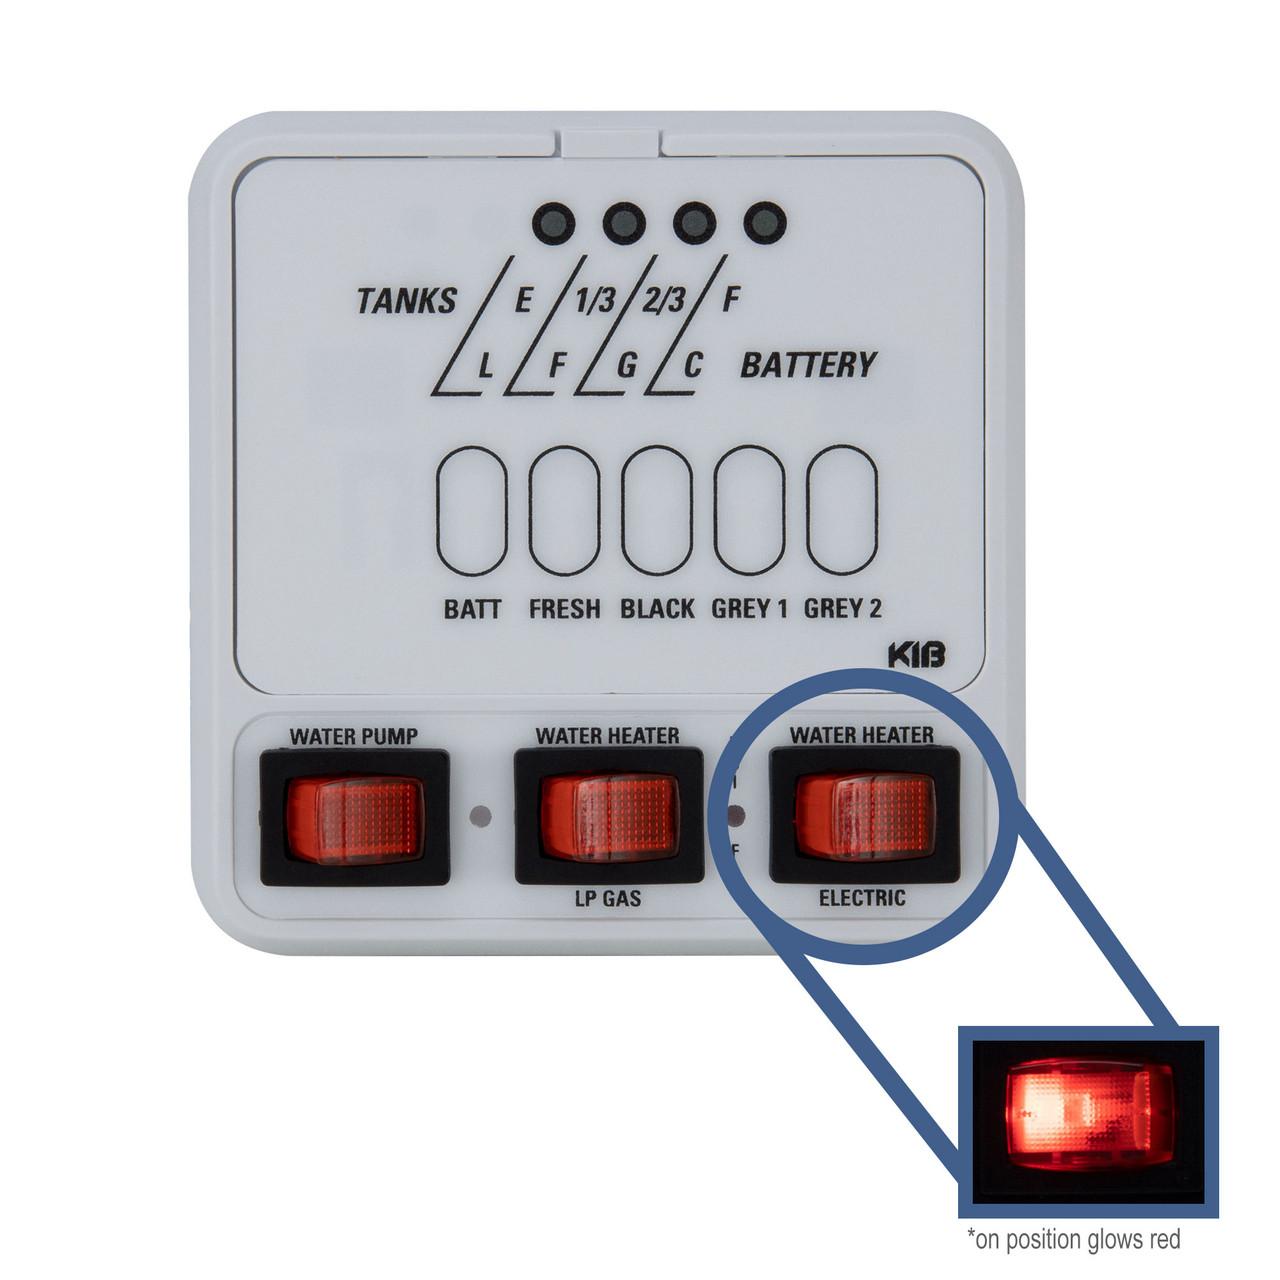 [DIAGRAM_38EU]  RV KIB Tank Sensor Monitor Panel M25 with Wiring Harness Kit - RecPro | Jrv Monitor Panel Wiring Diagram |  | RecPro